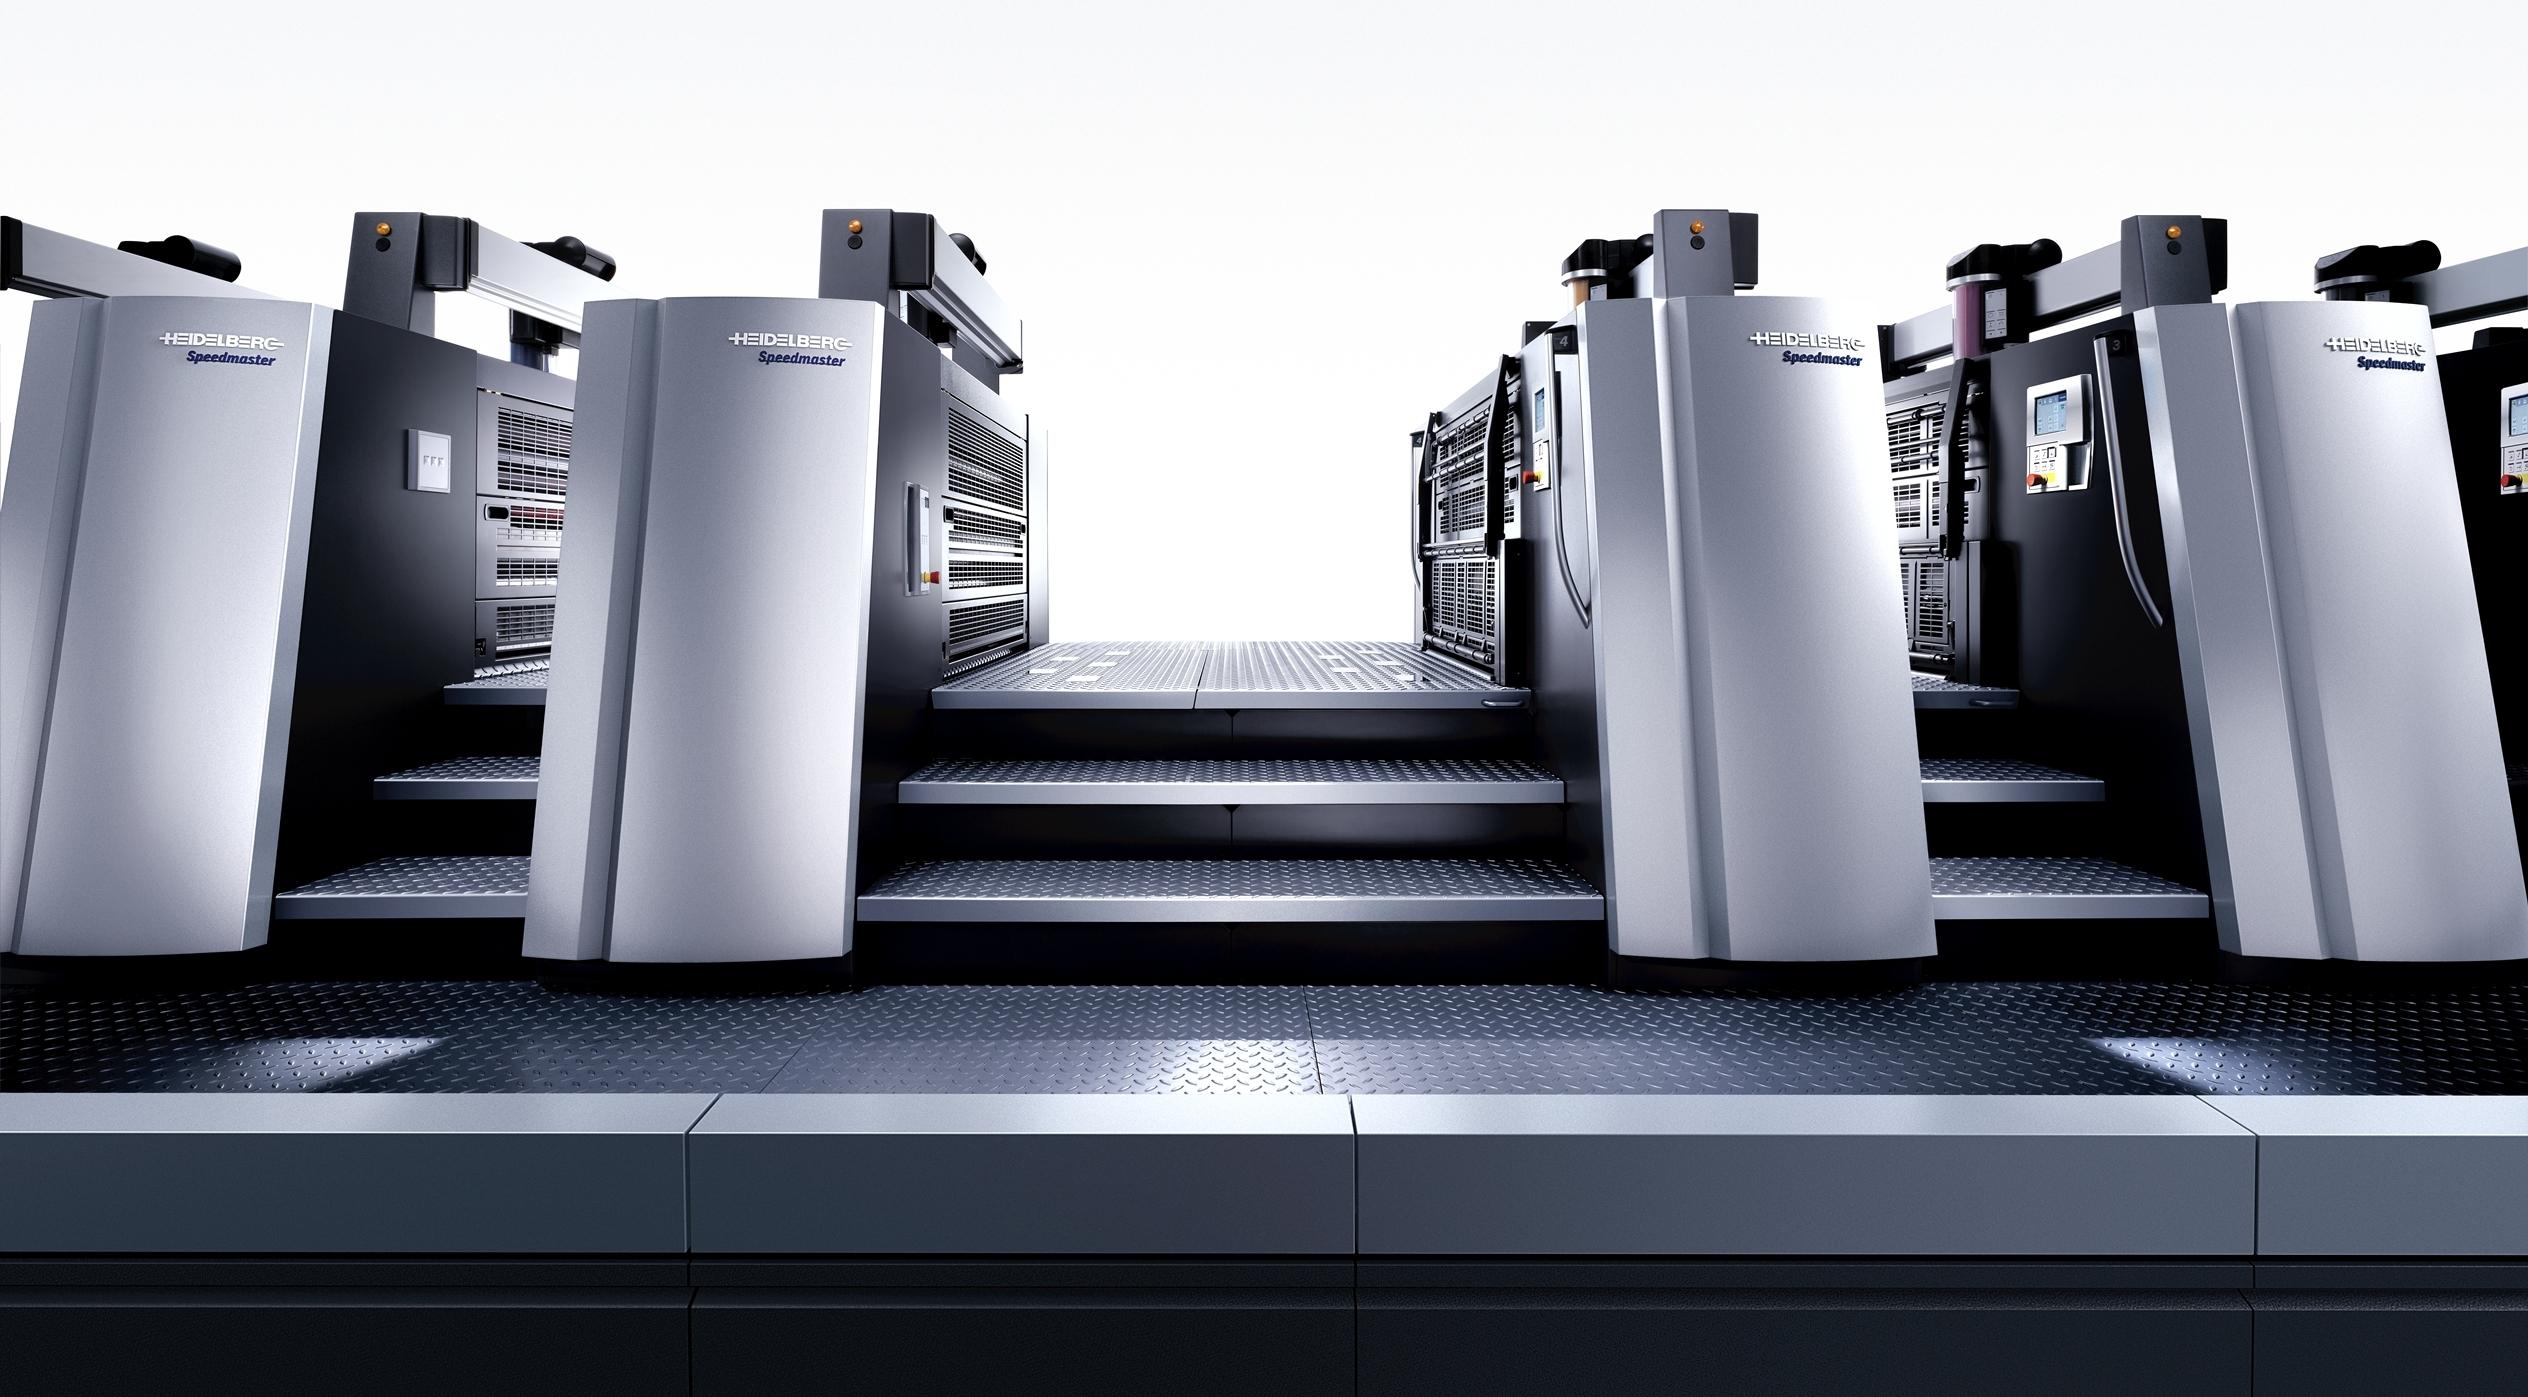 Grafiche Mercurio investe e installa una Heidelberg XL 106 8PLX3, prima in Italia nel formato 106 insieme a un CTP Heidelberg Suprasetter 145 da 25 lastre/h.